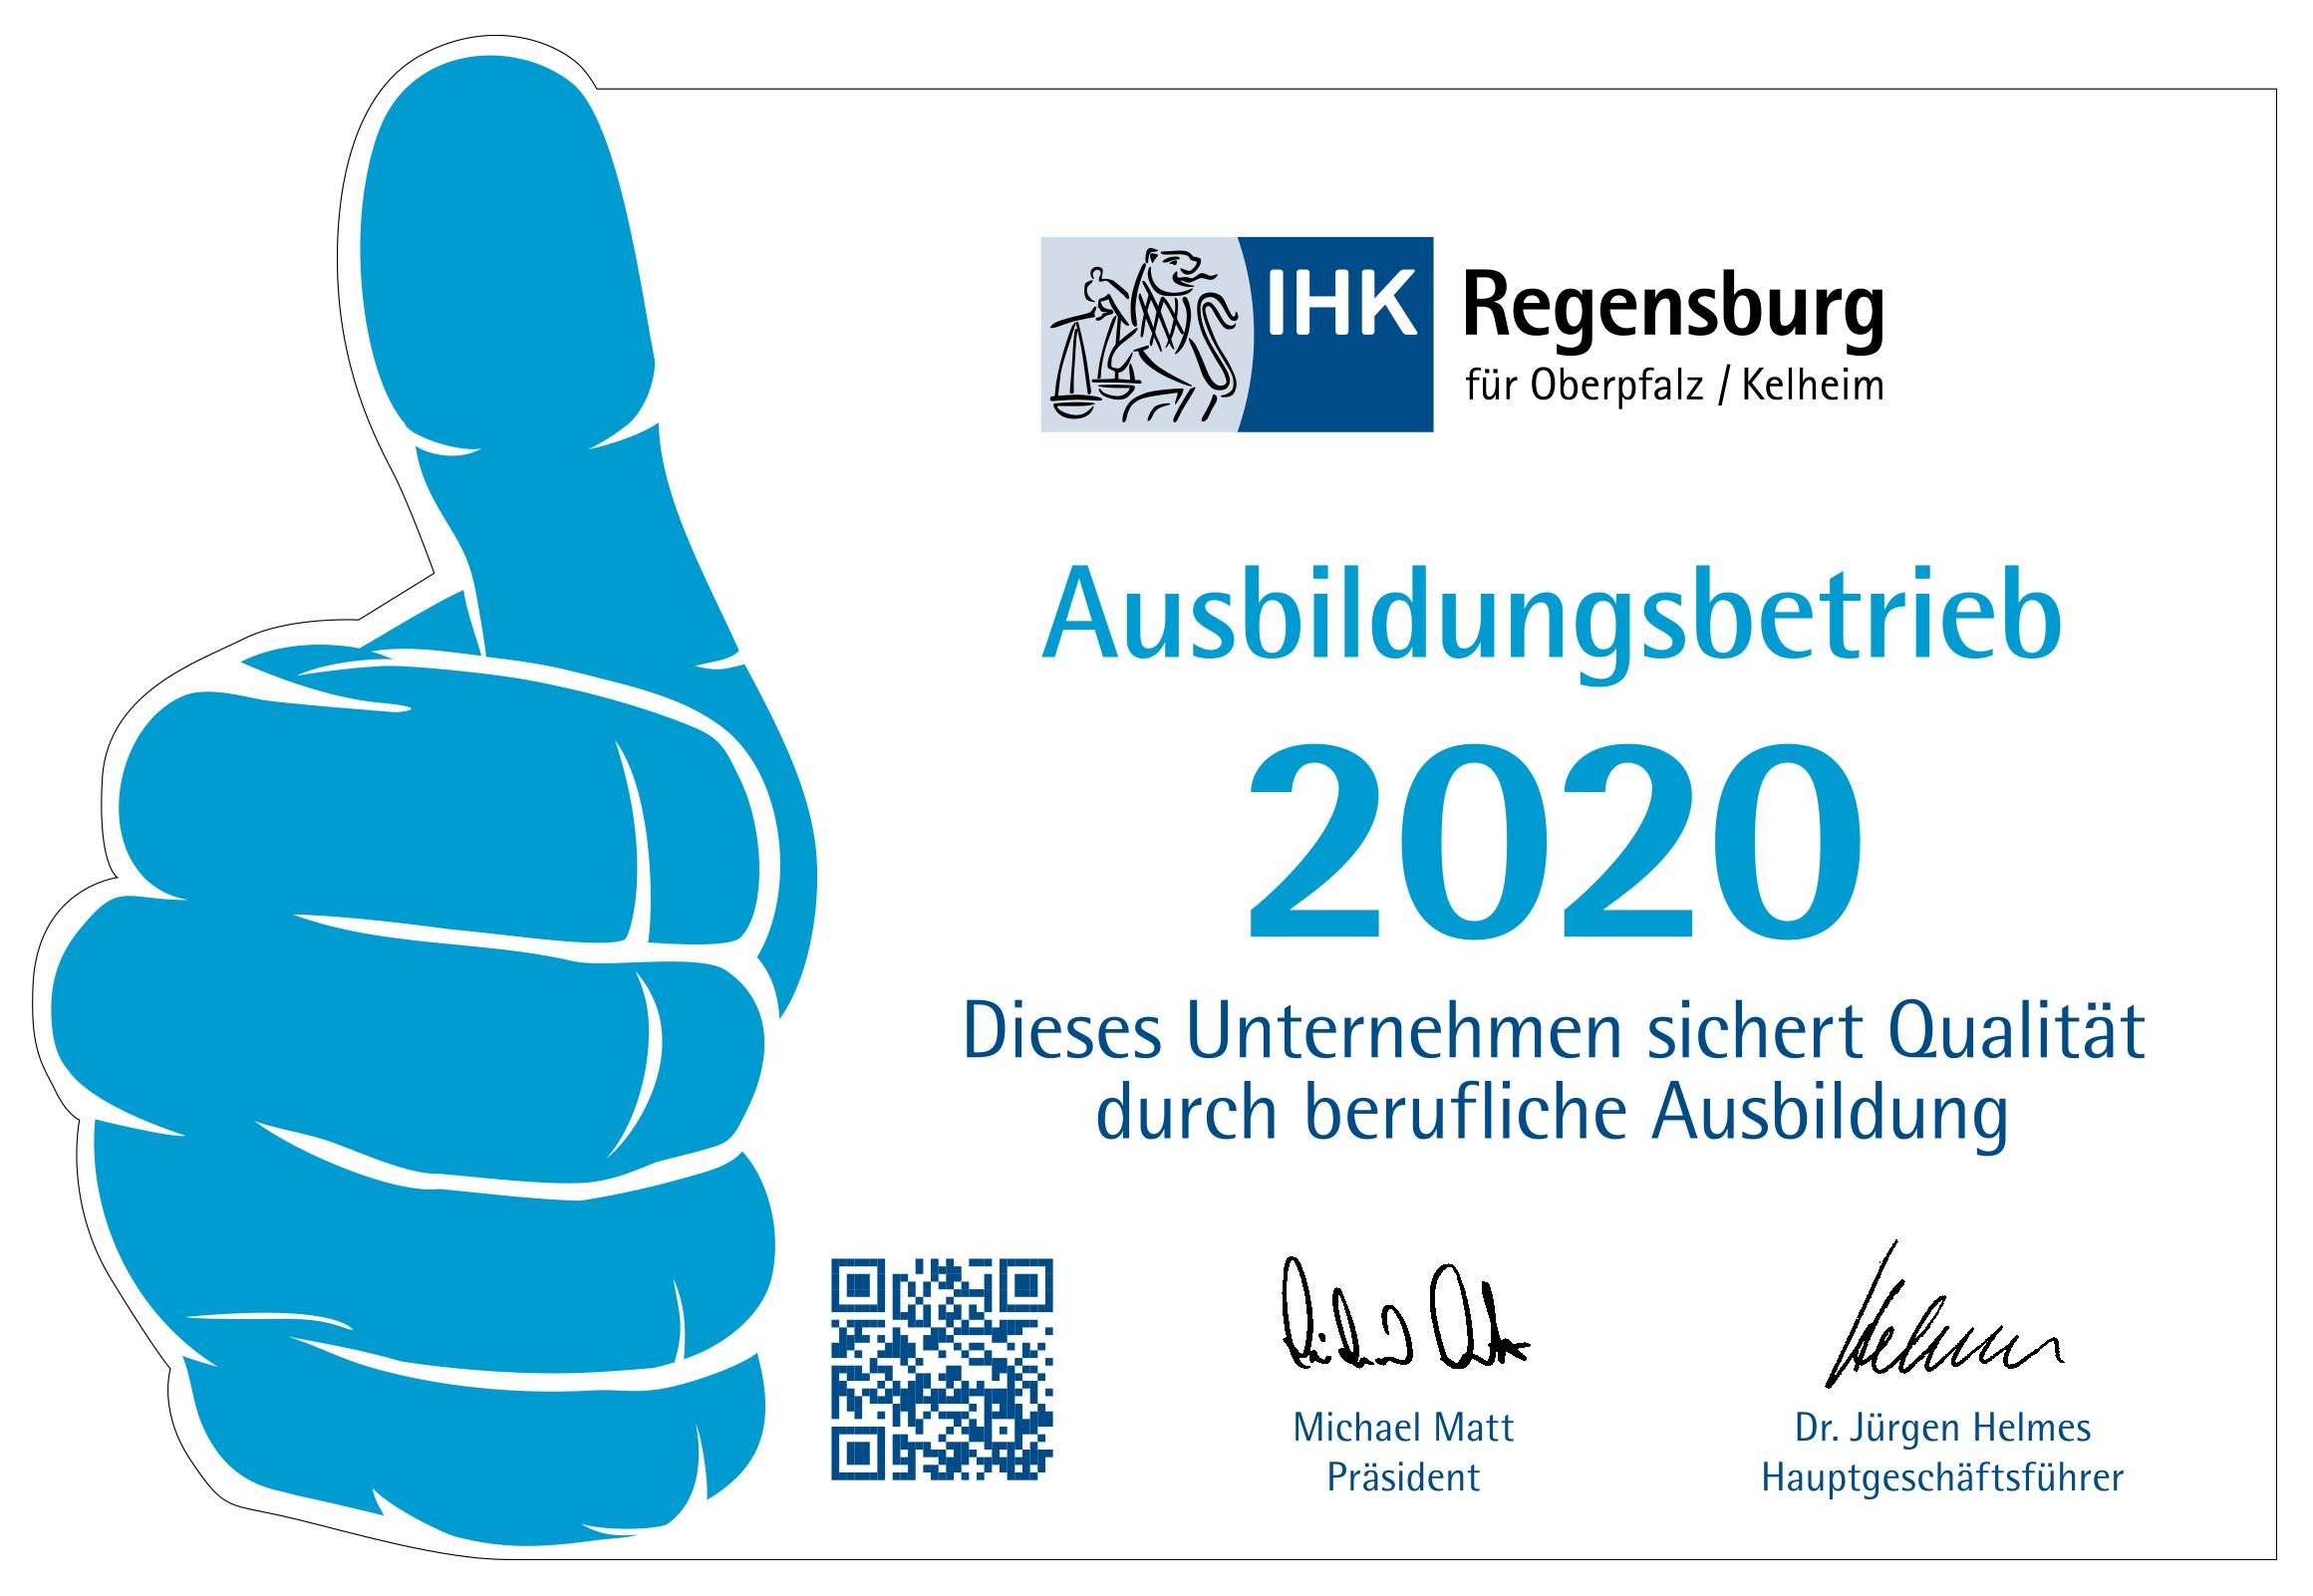 Grafik Auszeichung Ausbildungsbetrieb 2020 IHK Regensburg